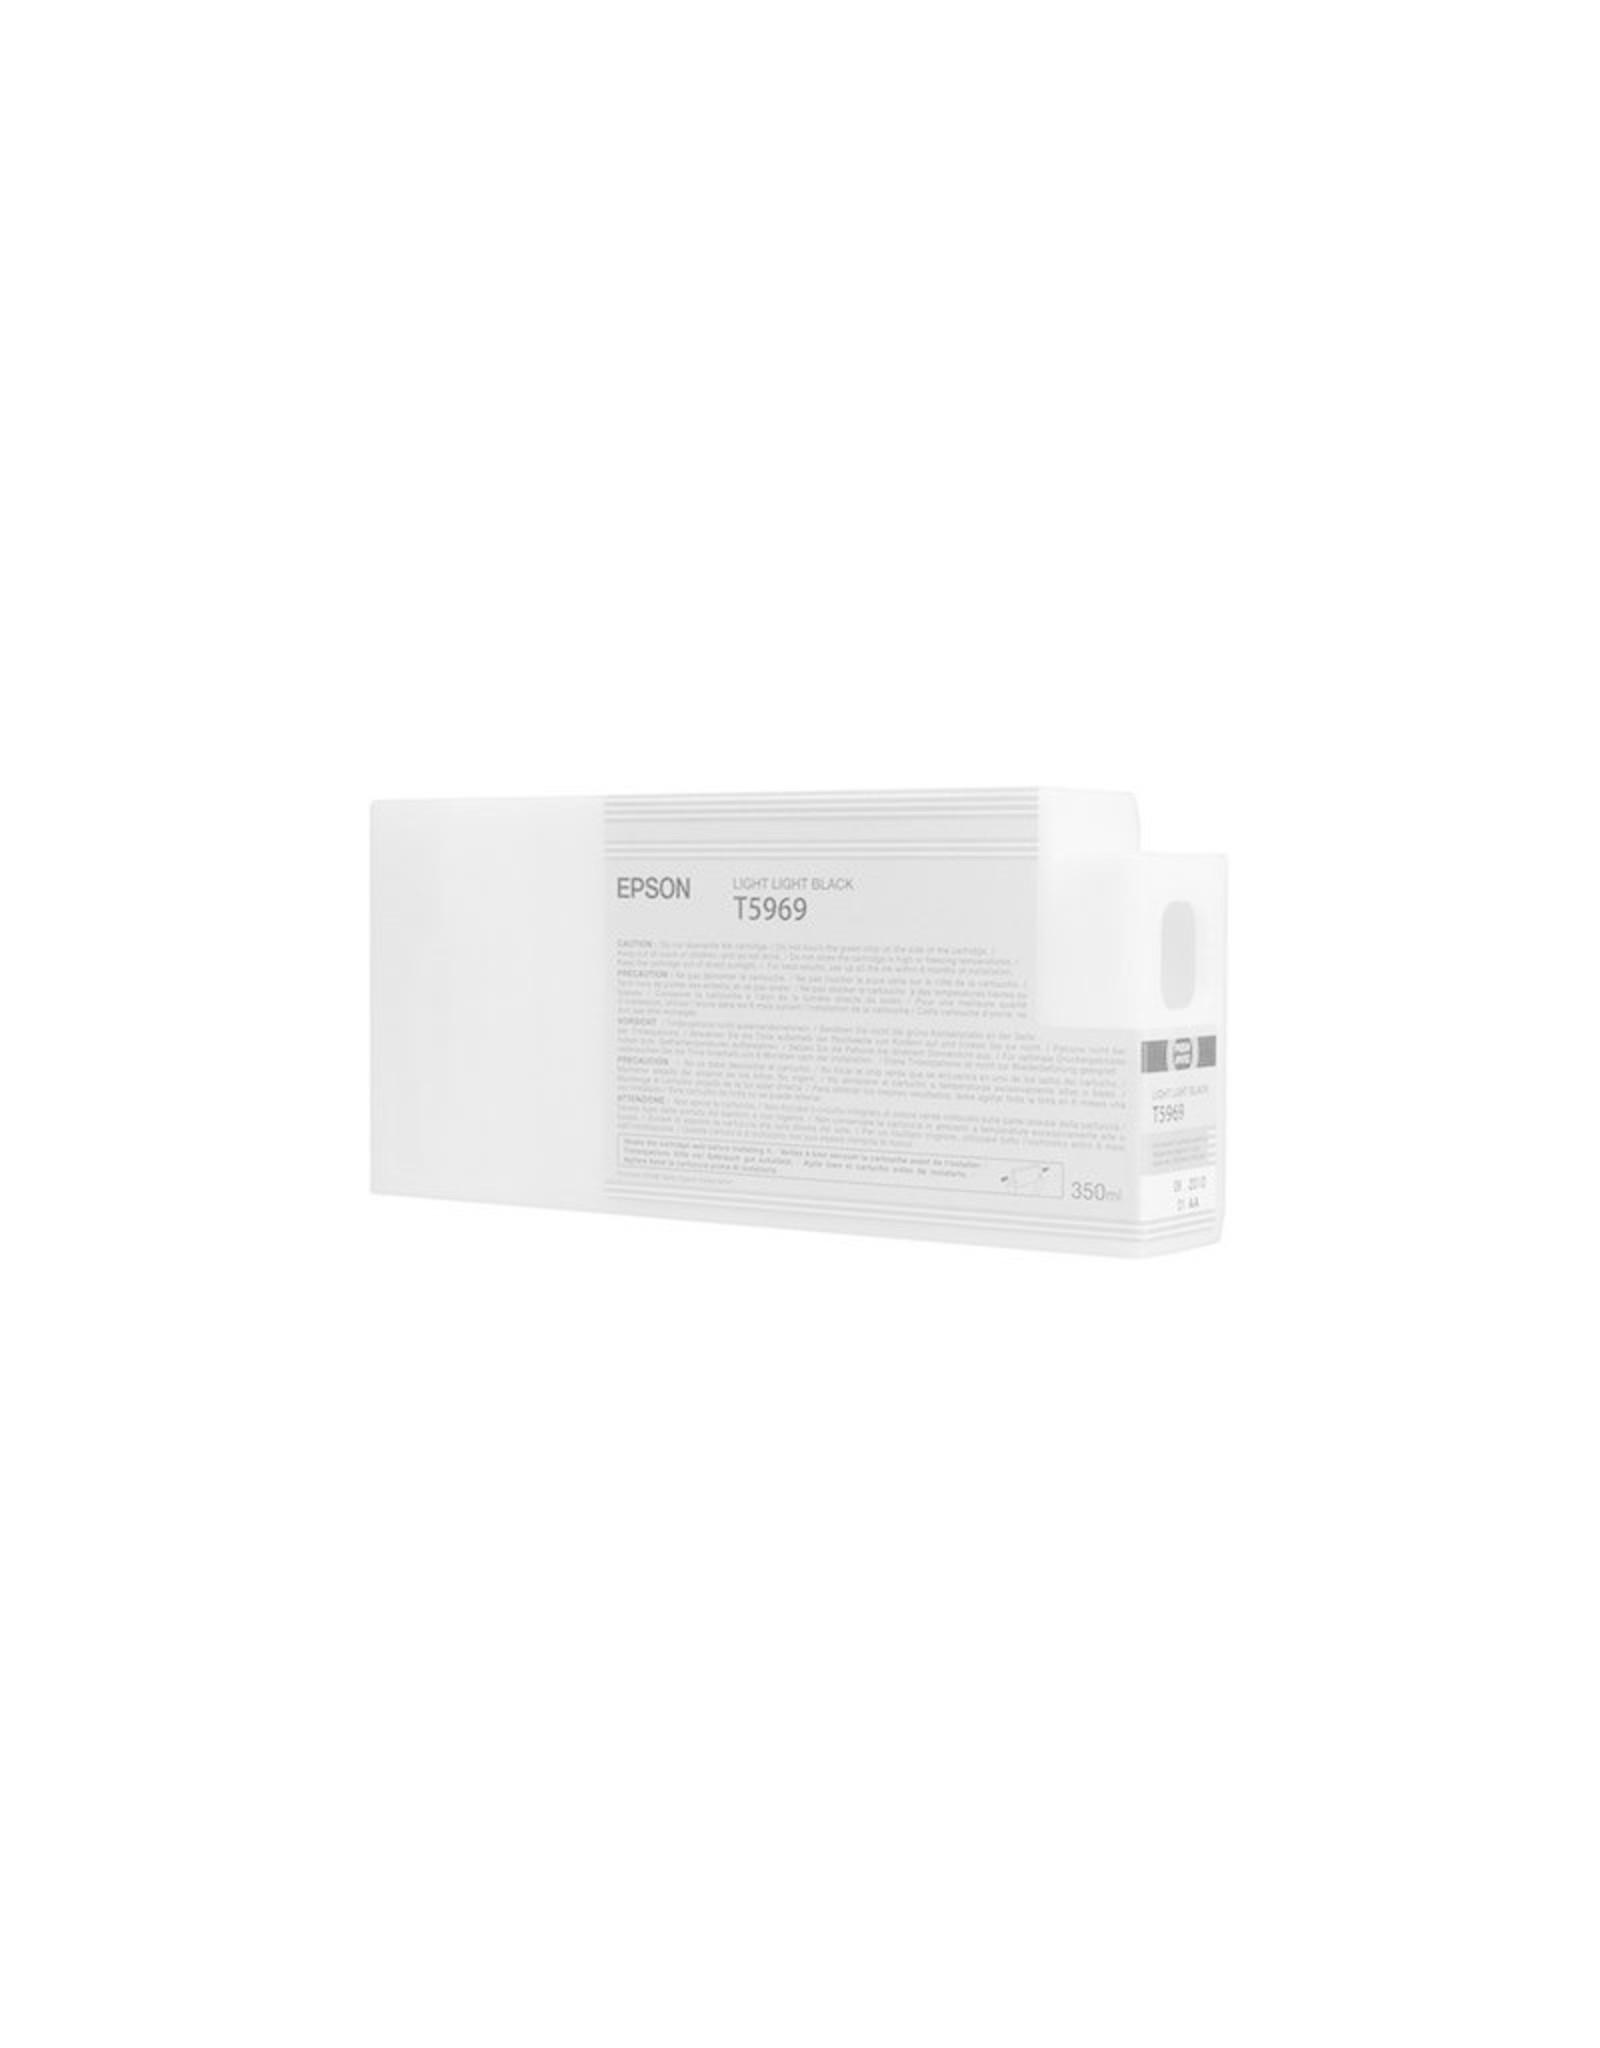 Epson Epson Light Light Black Ultrachrome HDR Ink for 9900 - 350ml cartridges